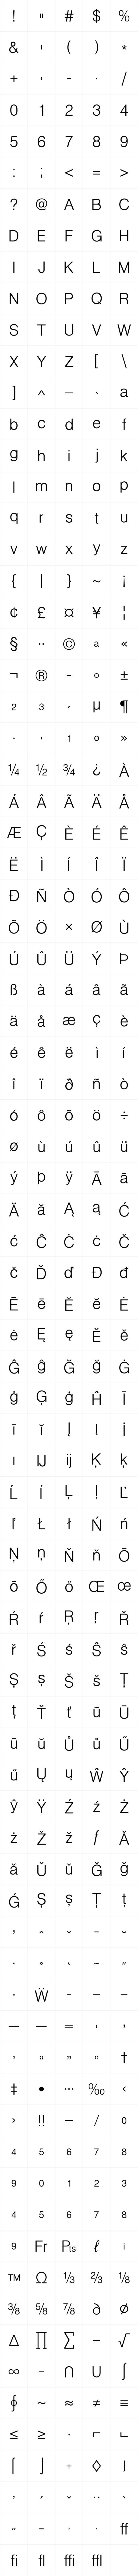 Nimbus Sans No 5